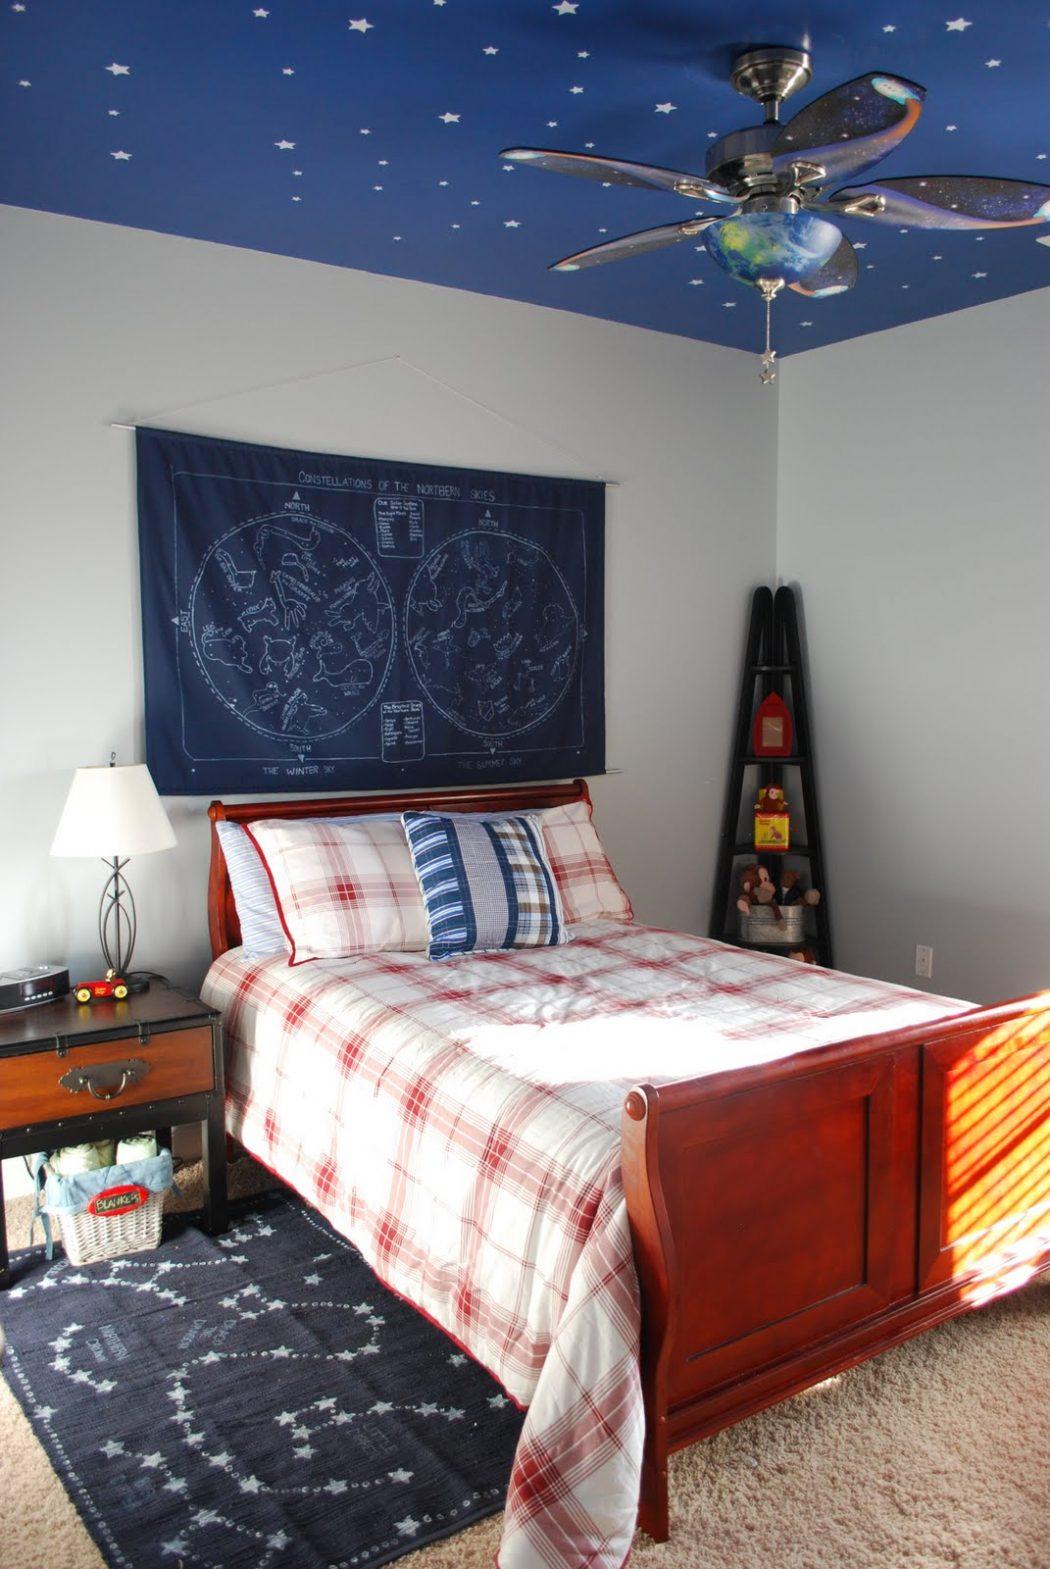 DSC_0019 +25 Marvelous Kids' Rooms Ceiling Designs Ideas